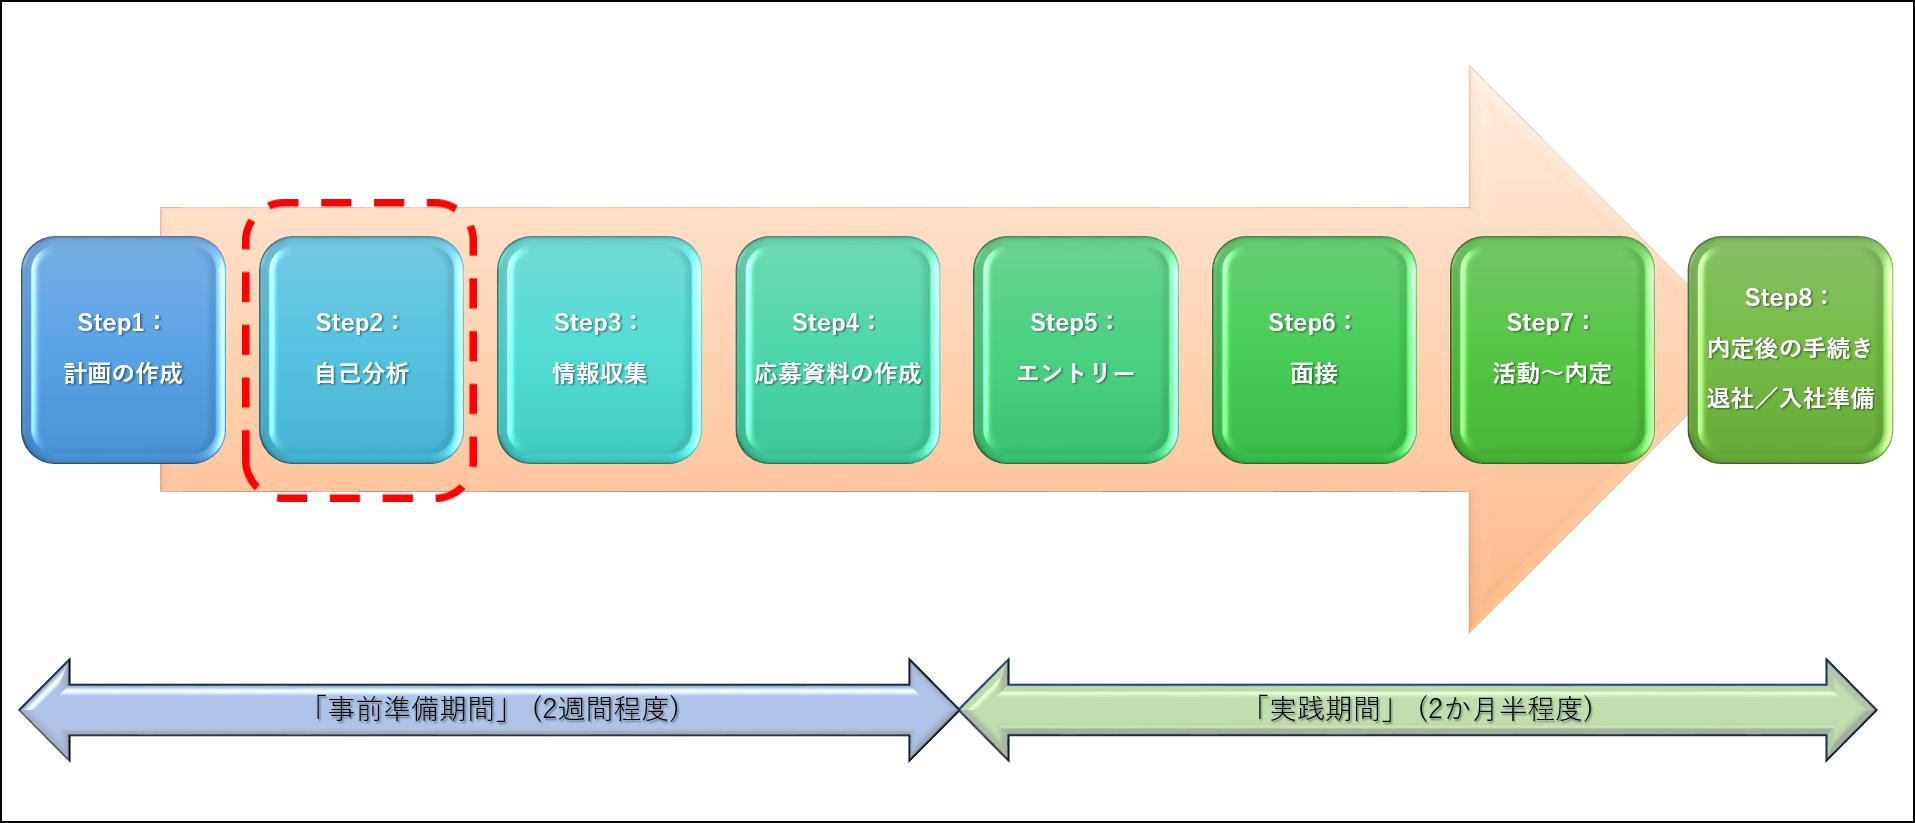 転職活動のStep1:自己分析イメージ図